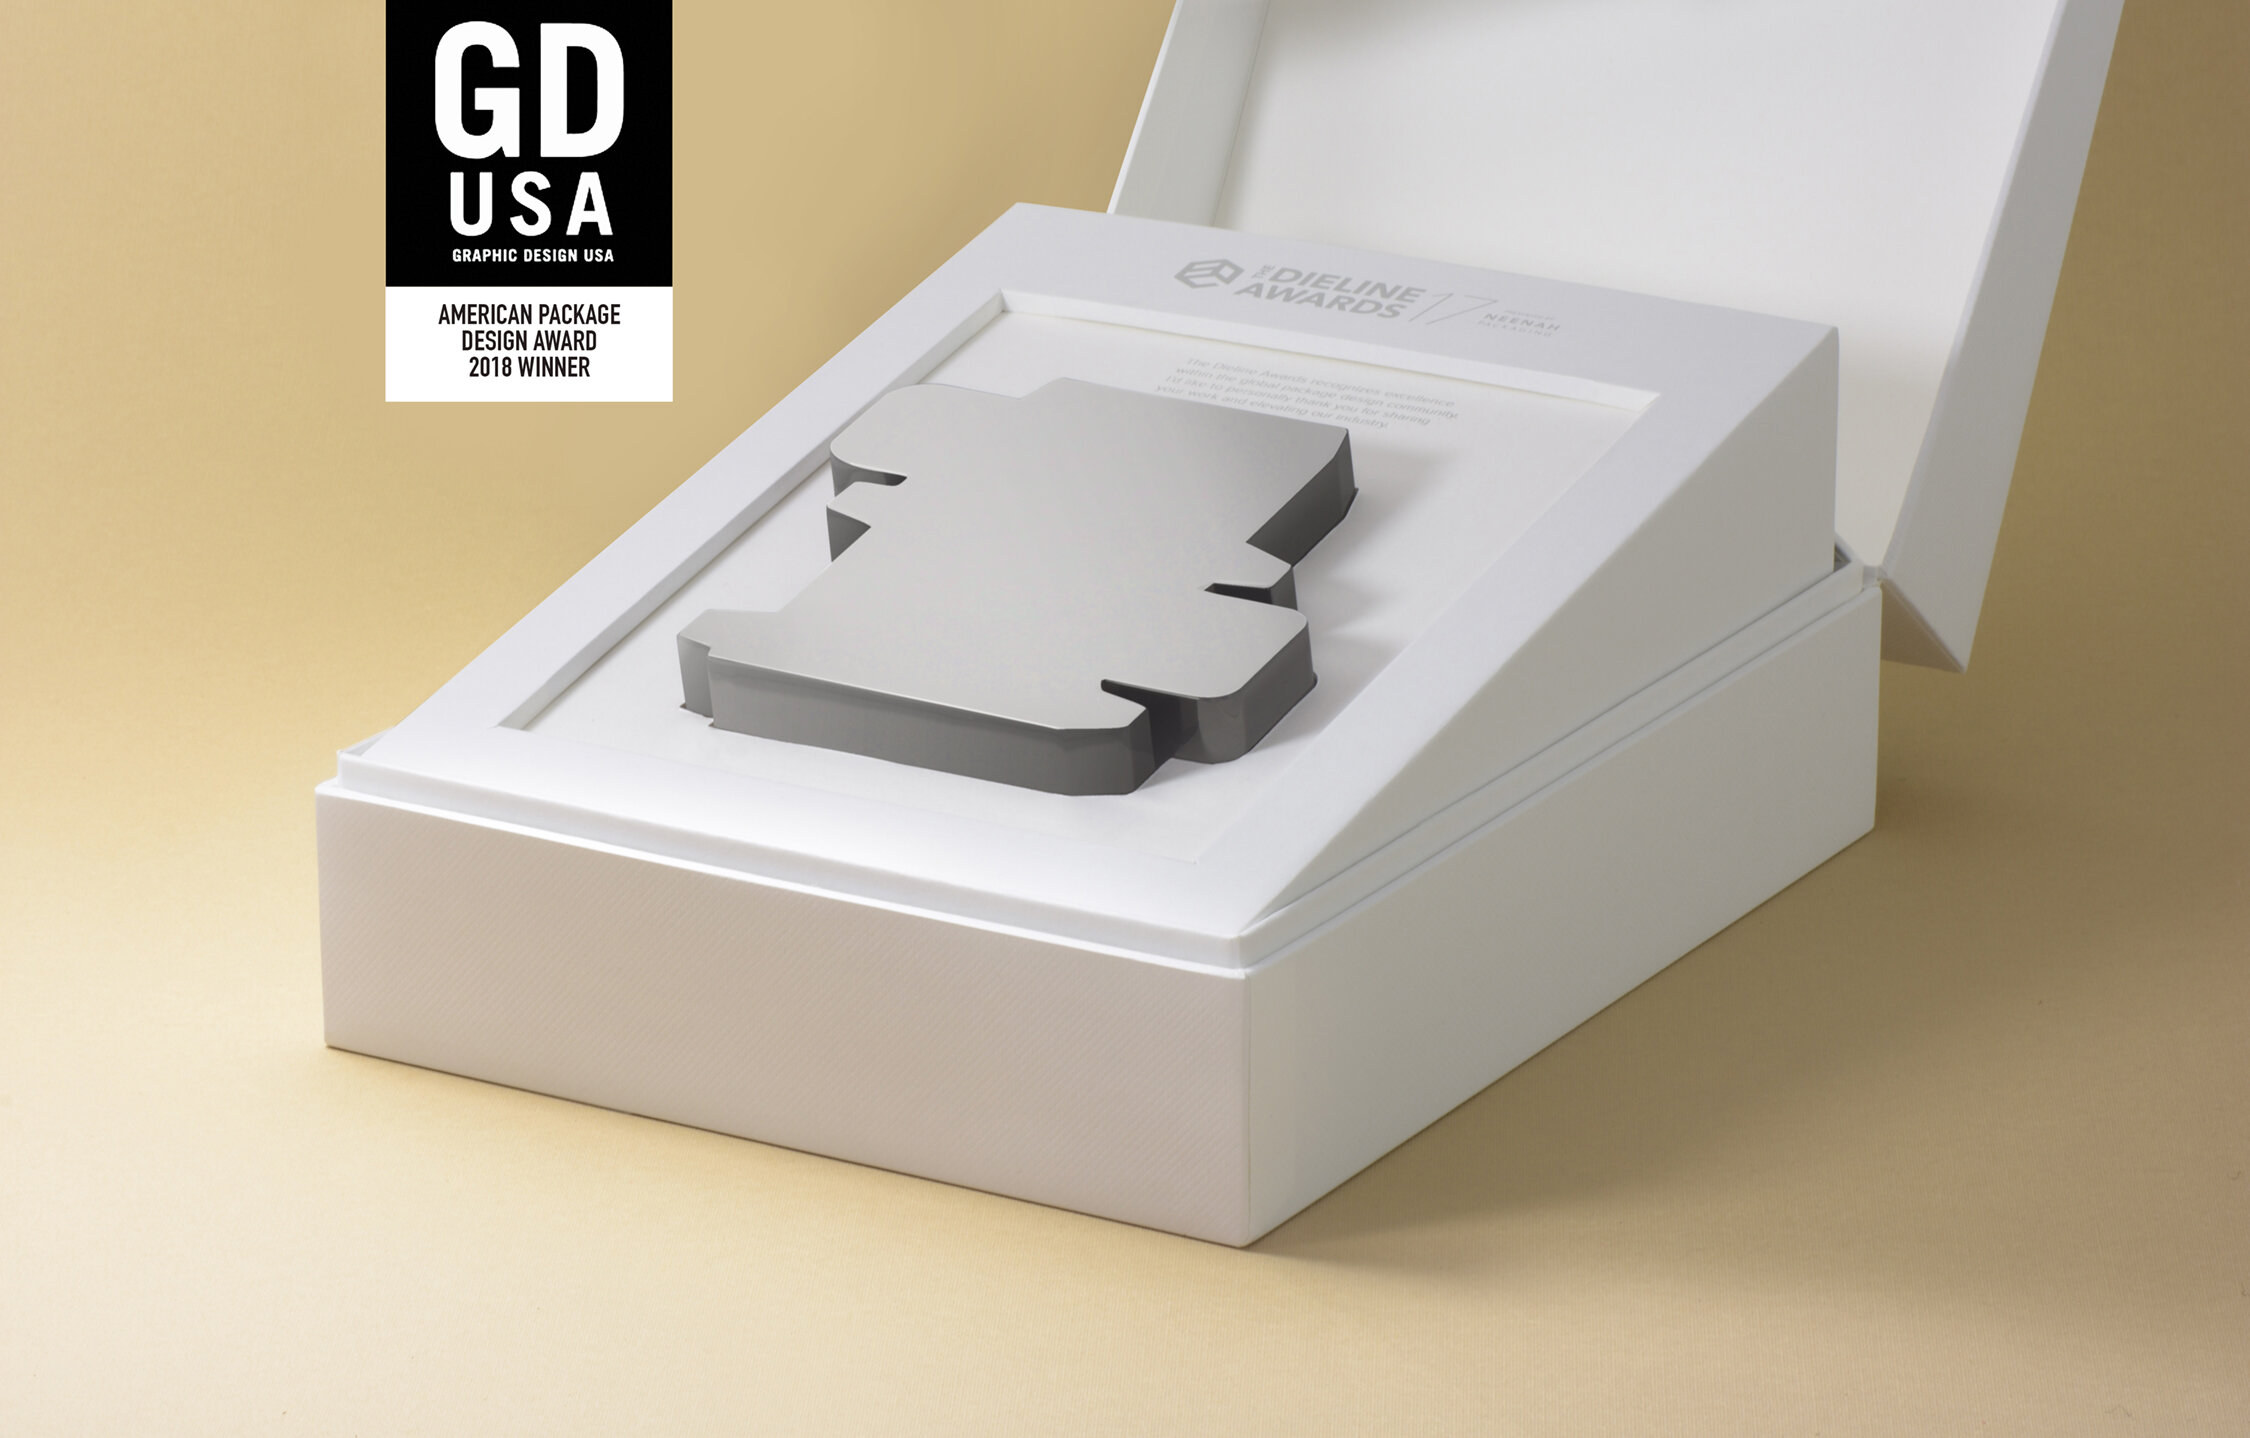 dieline_awards_packaging_winner_gdusa.jpg.